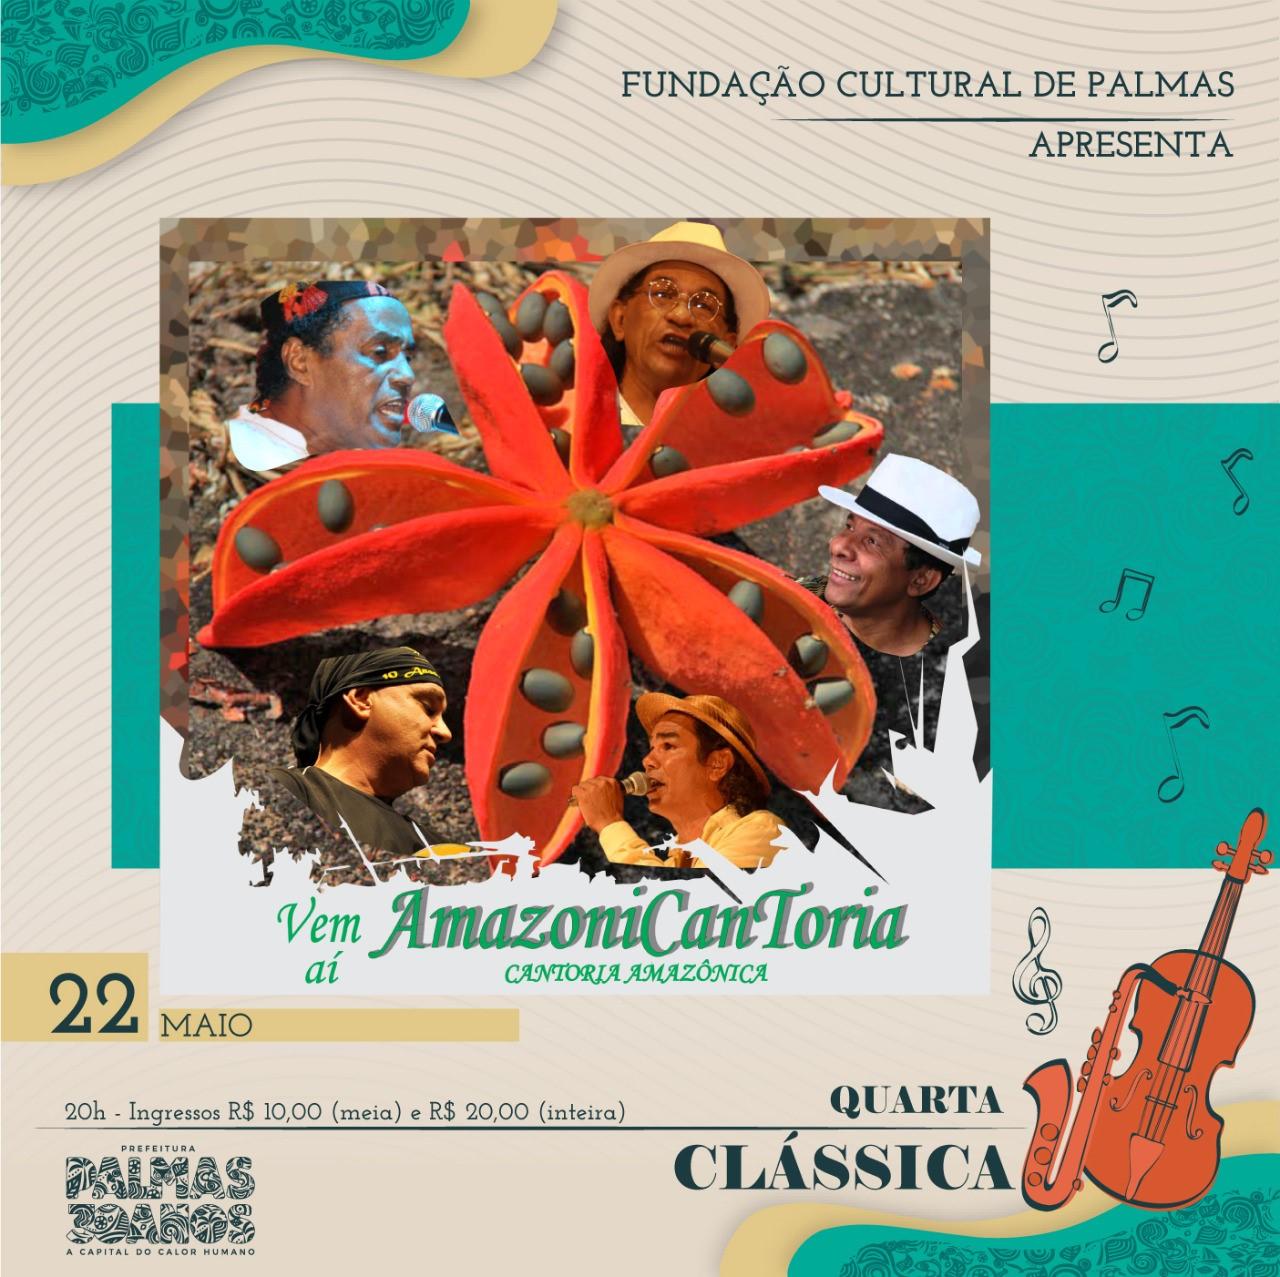 Quarta Clássica Especial apresenta o espetáculo AmazôniCantoria, na quarta-feira, 22